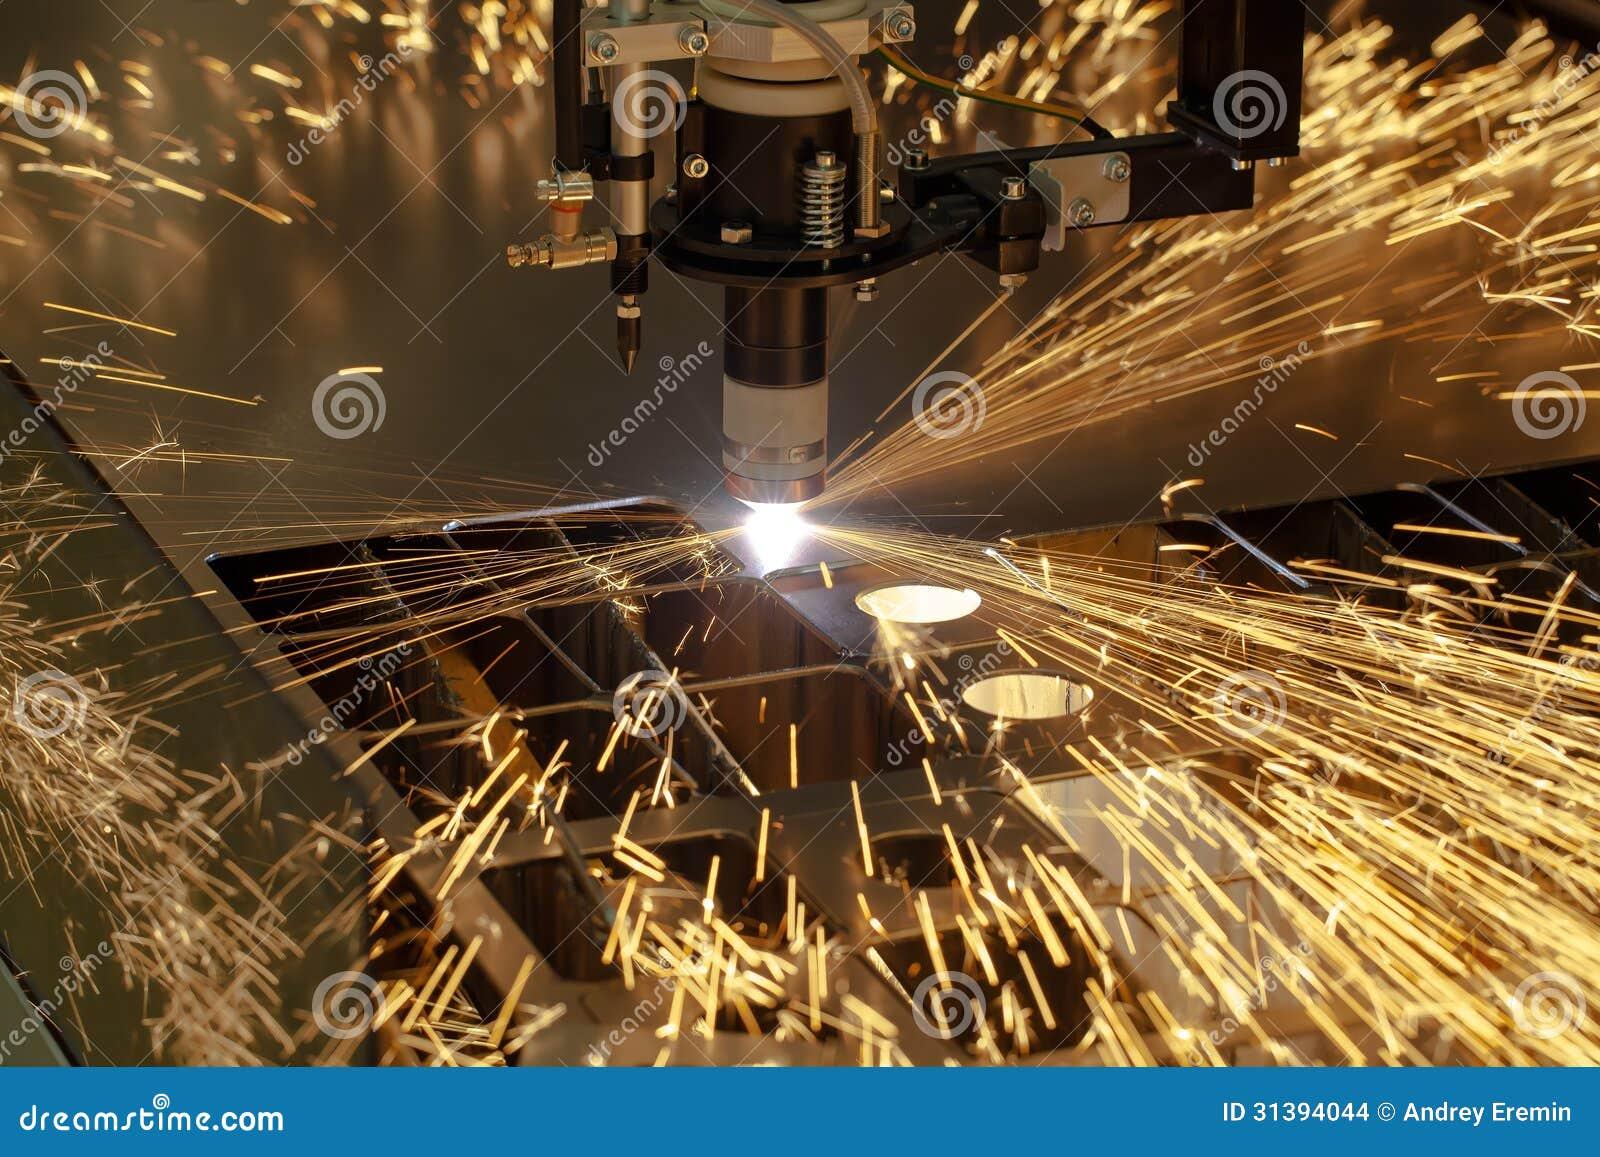 Τέμνουσα μηχανή βιομηχανίας σιδηρουργείου πλάσματος